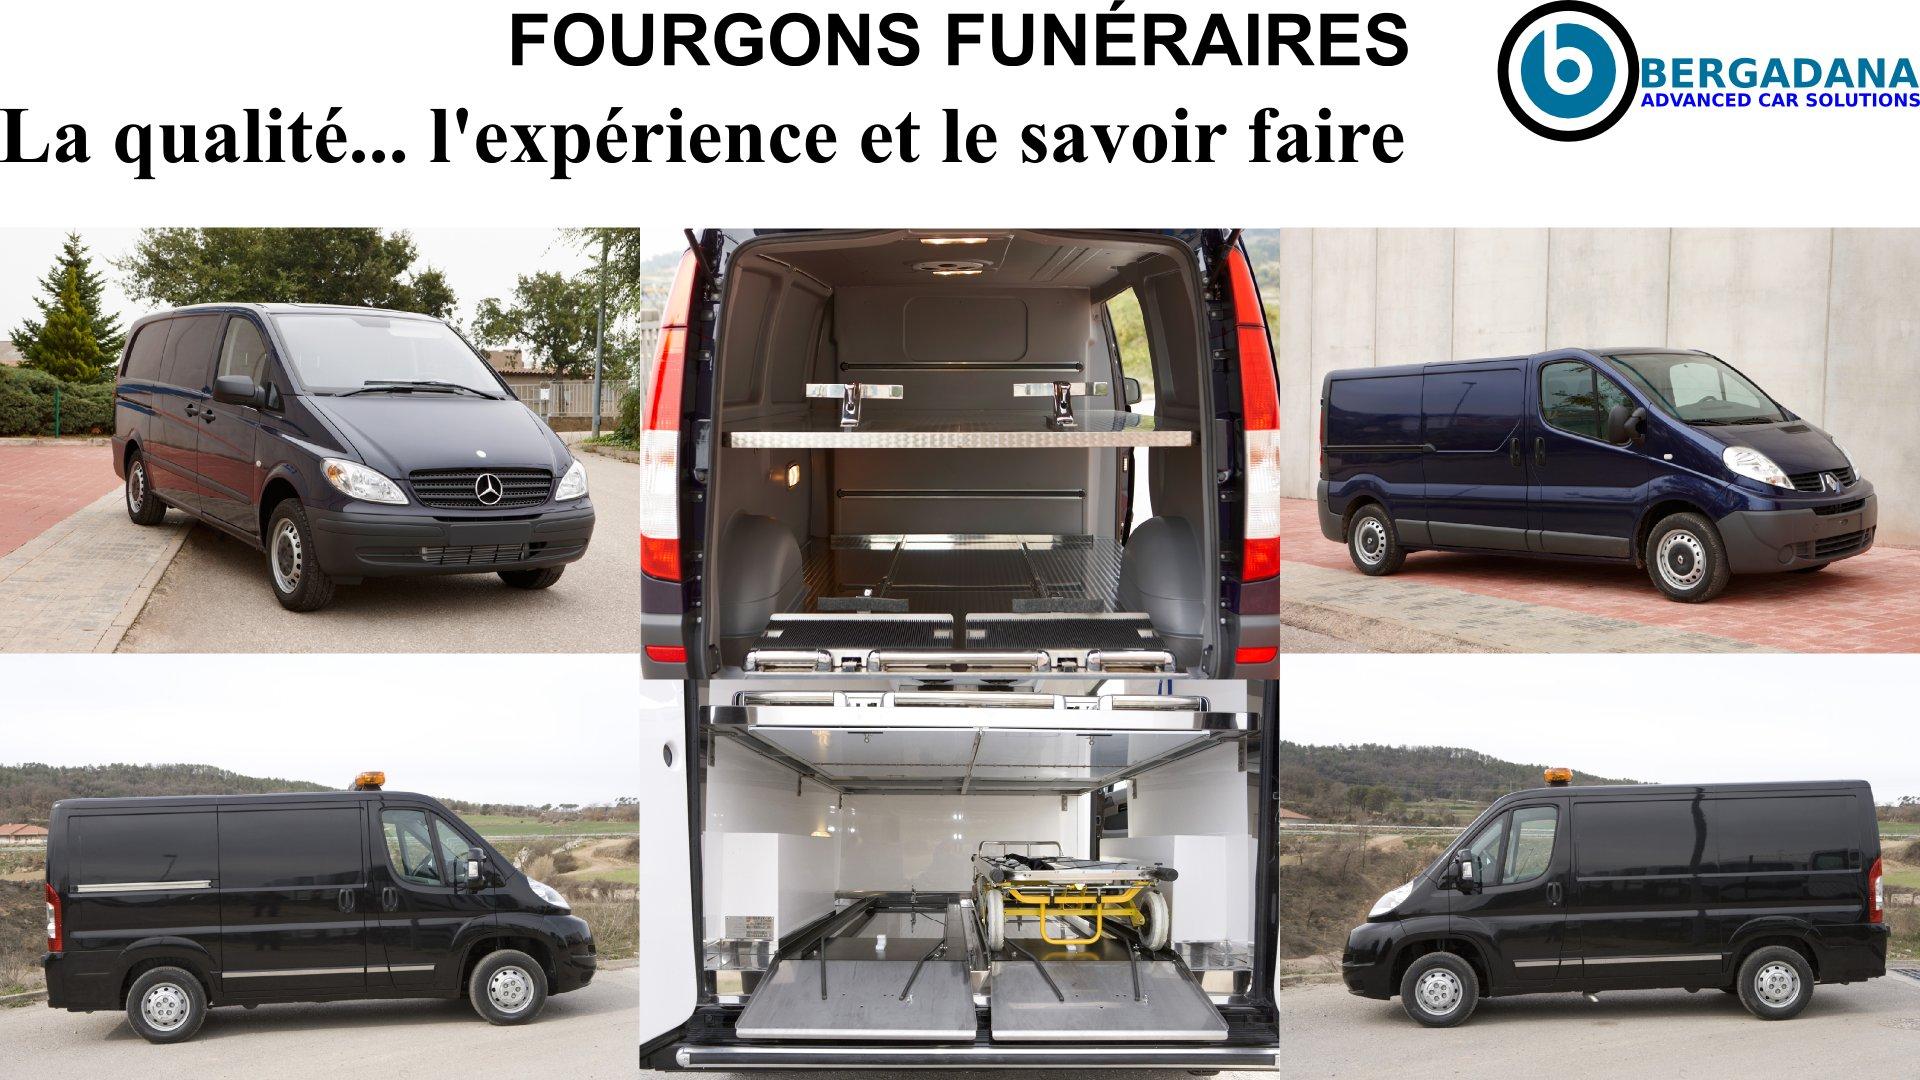 LES FOURGONS FUNÉRAIRES POUR LE TRANSPORT ET RÉQUISITION